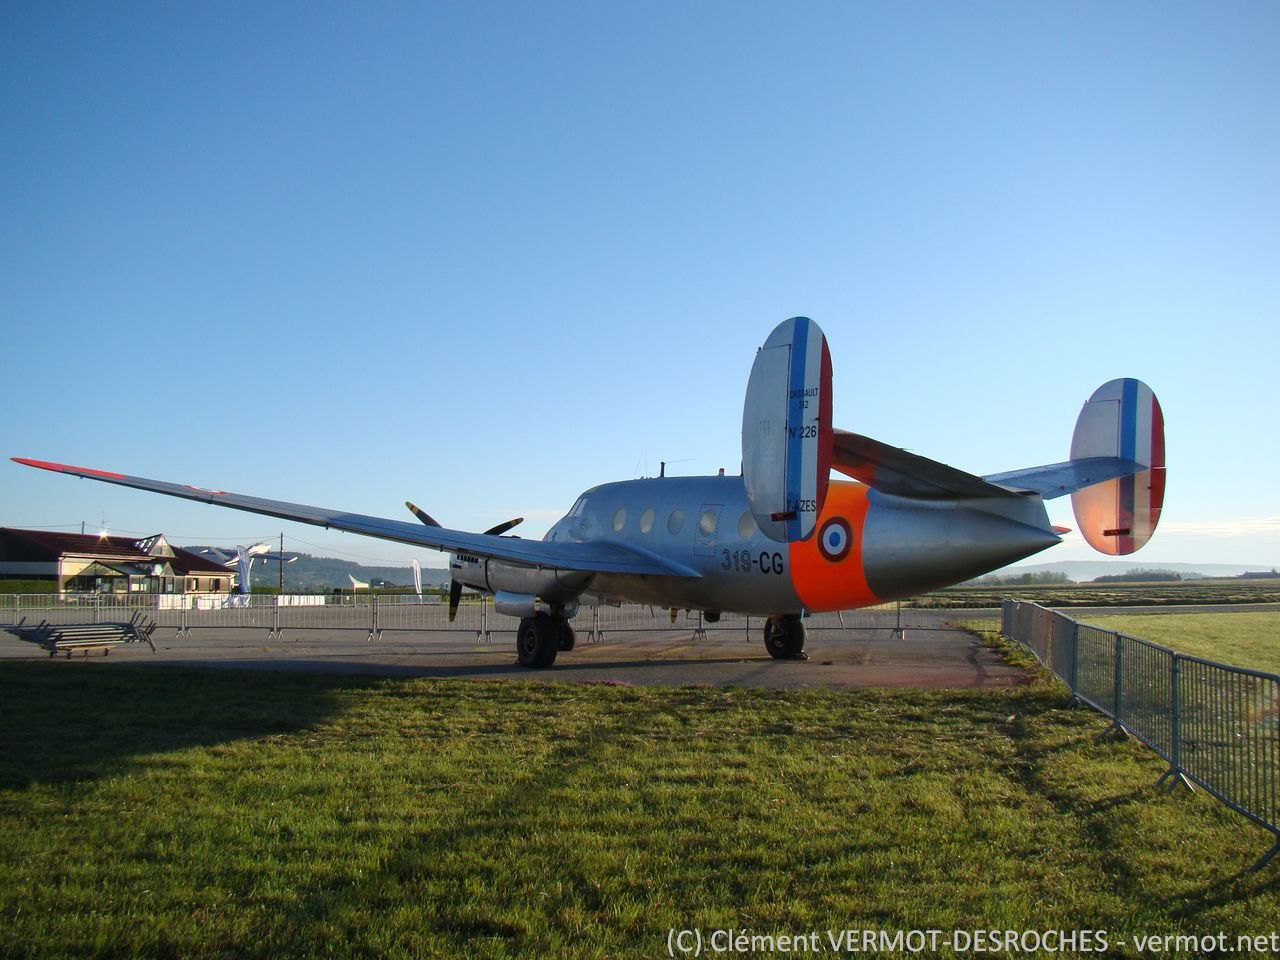 Le Dassault Flamant MD312 F-AZES en fin de journée